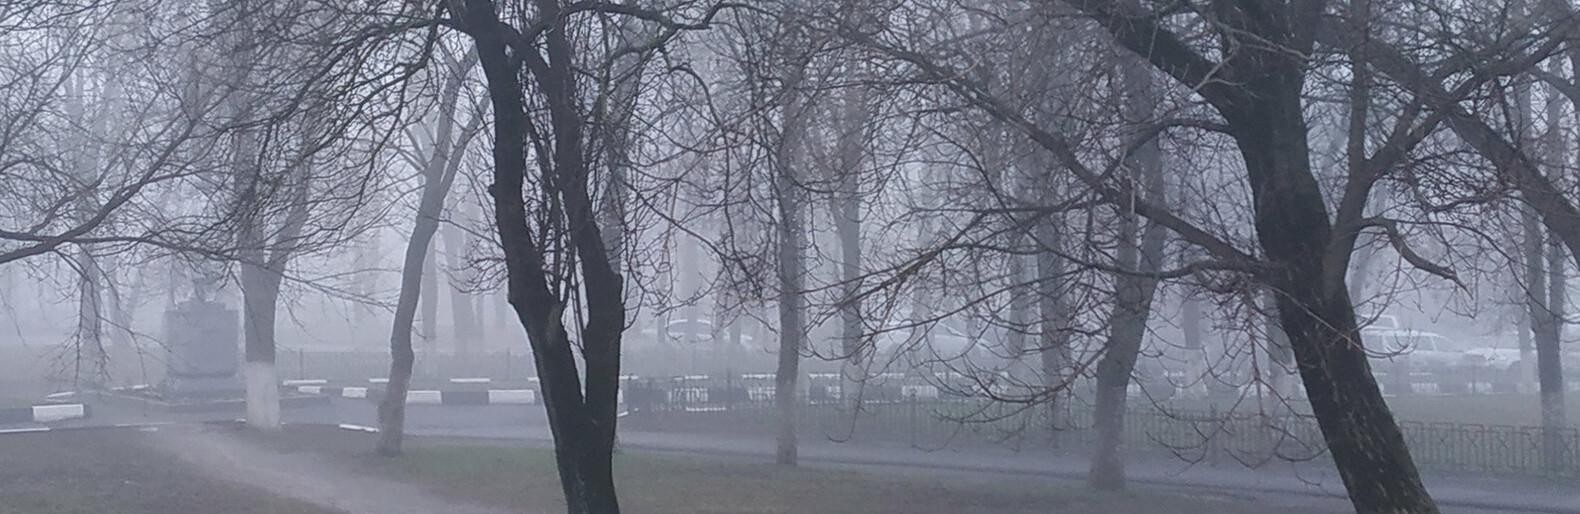 В Белгородской области неделя начнётся с тумана и гололедицы